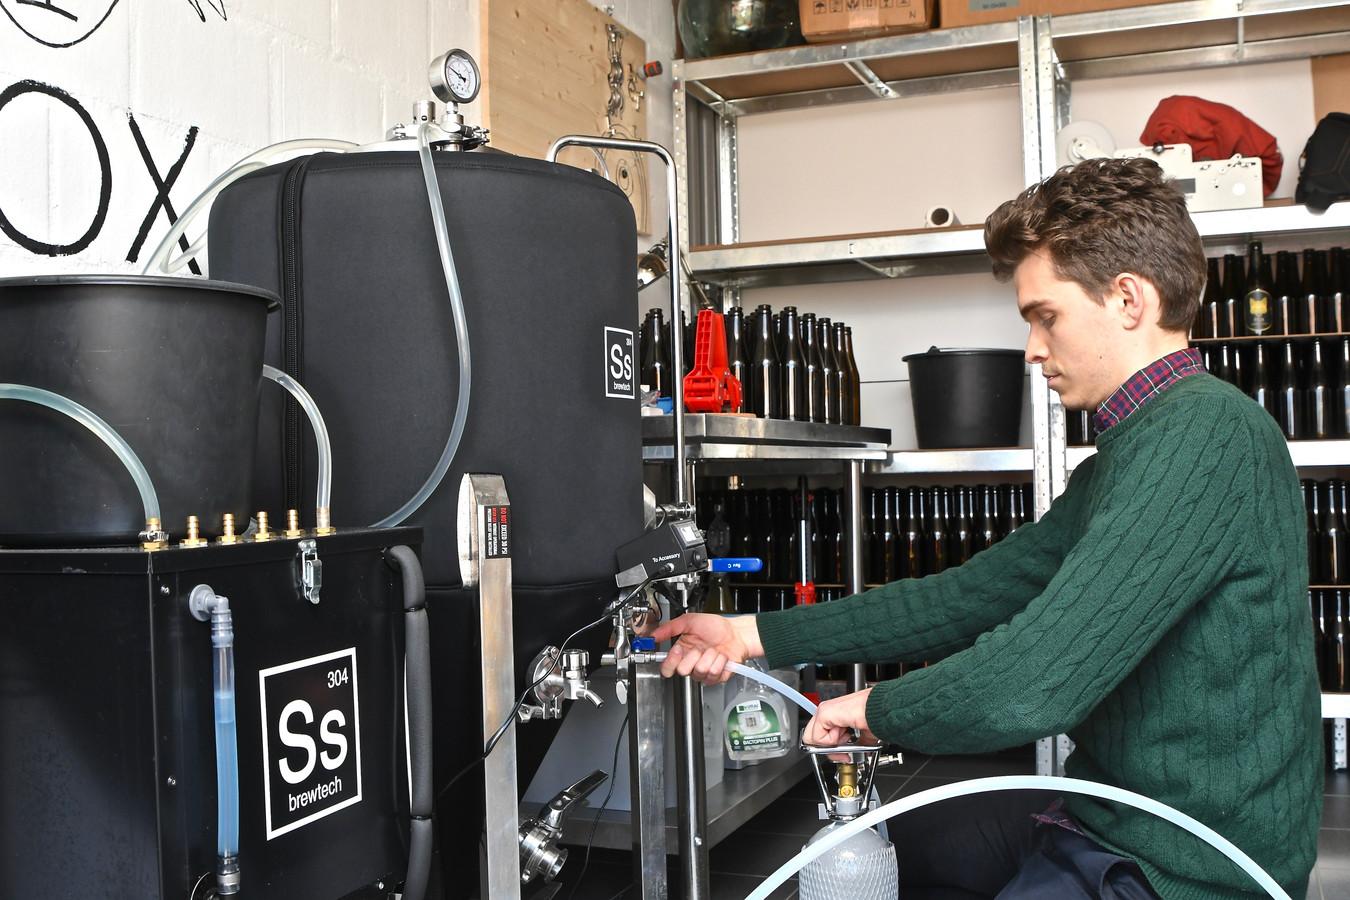 Maxime Claeys produceert in de garage van zijn woning Fox Appel Cider. De installatie is spiksplinternieuw